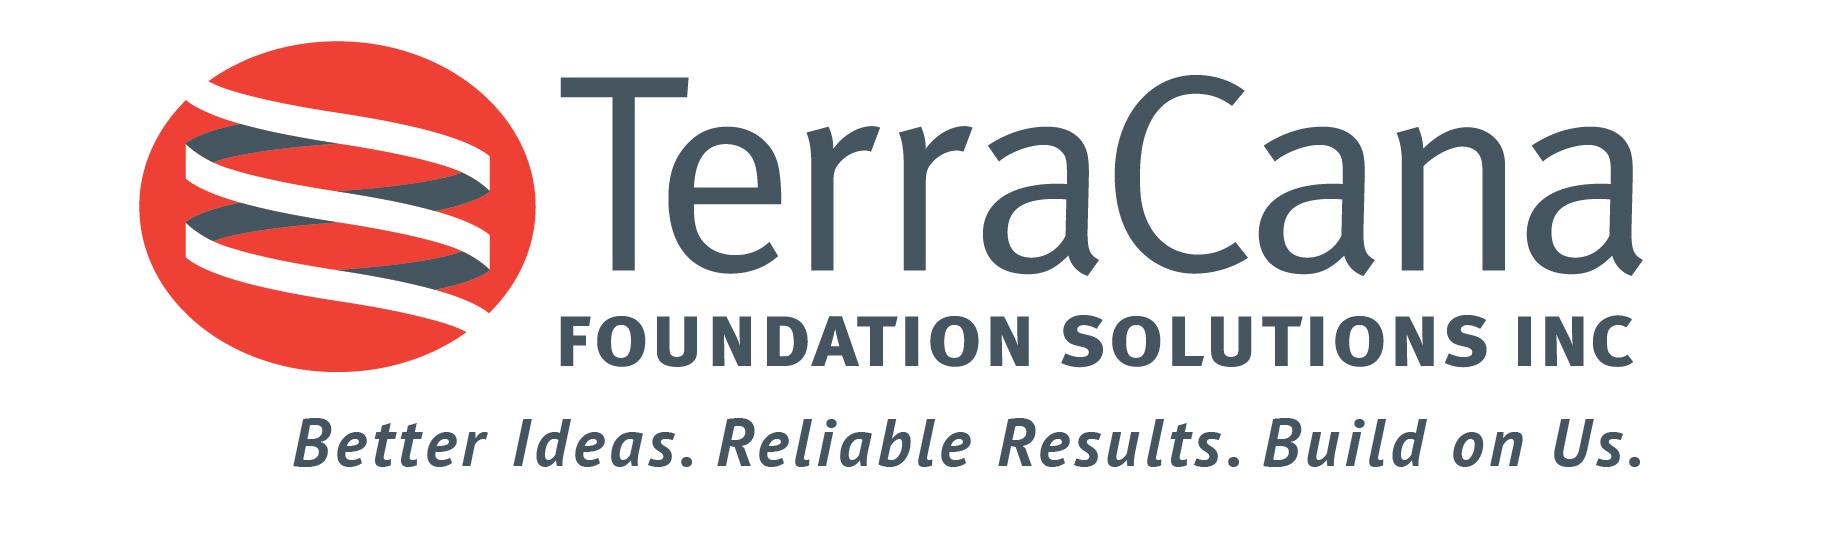 TerraCana logo-Darker-v2-05.jpg